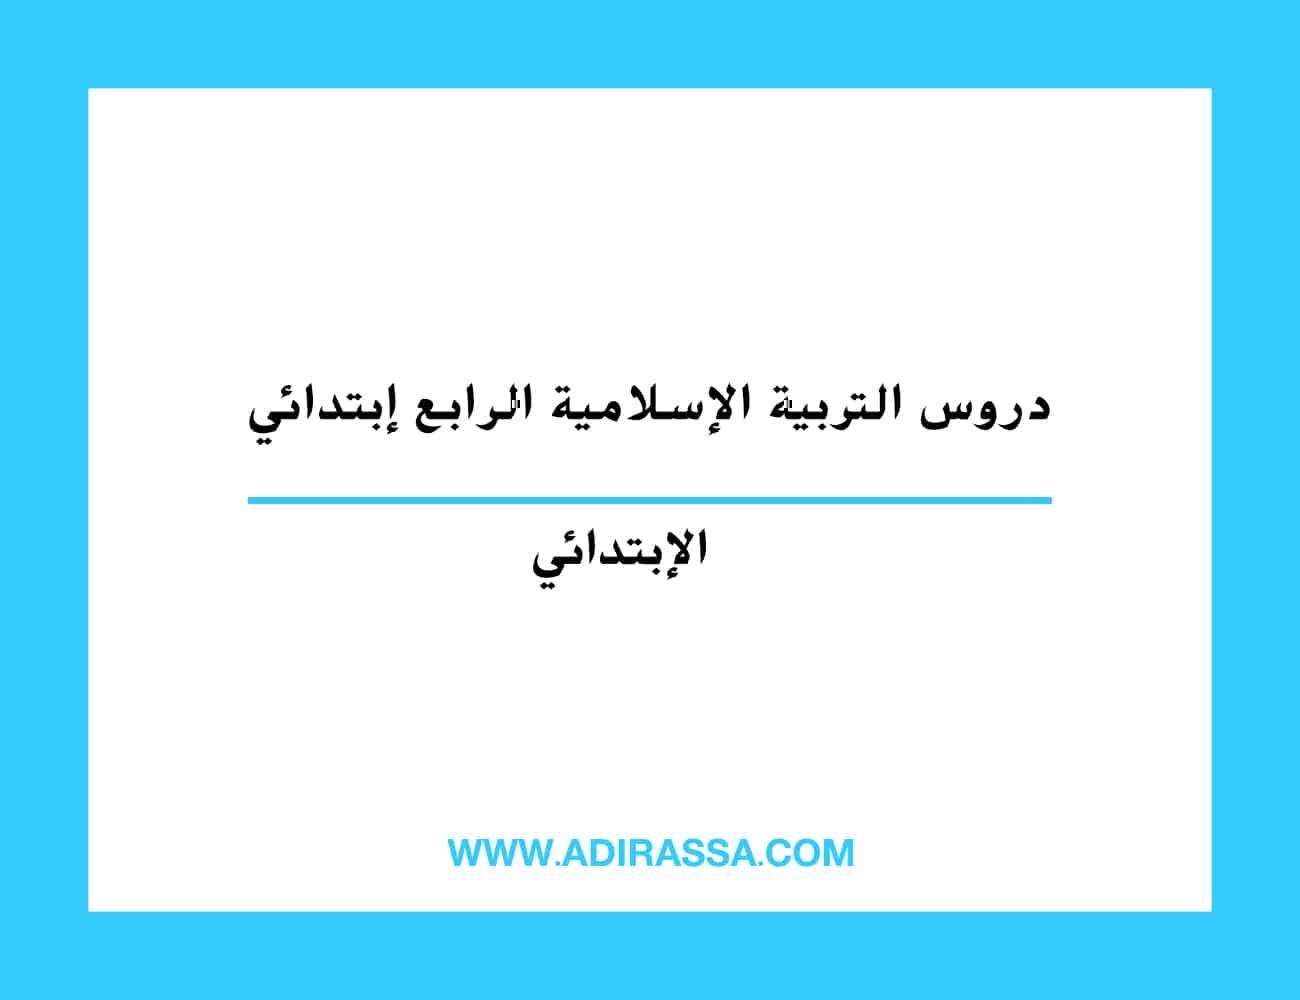 دروس التربية الإسلامية الرابع ابتدائي المقررة بالمدرسة المغربية